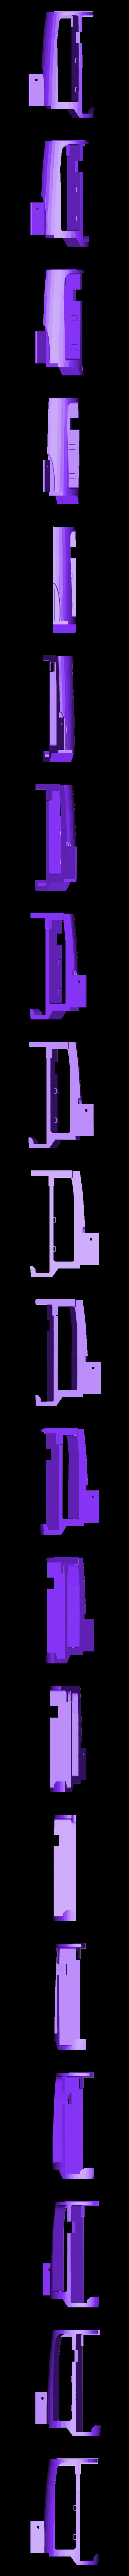 Fuse_main-R_front.stl Télécharger fichier STL gratuit Planeur modulaire RC Sailplane entièrement imprimé en 3D. • Objet à imprimer en 3D, Georgemacghay